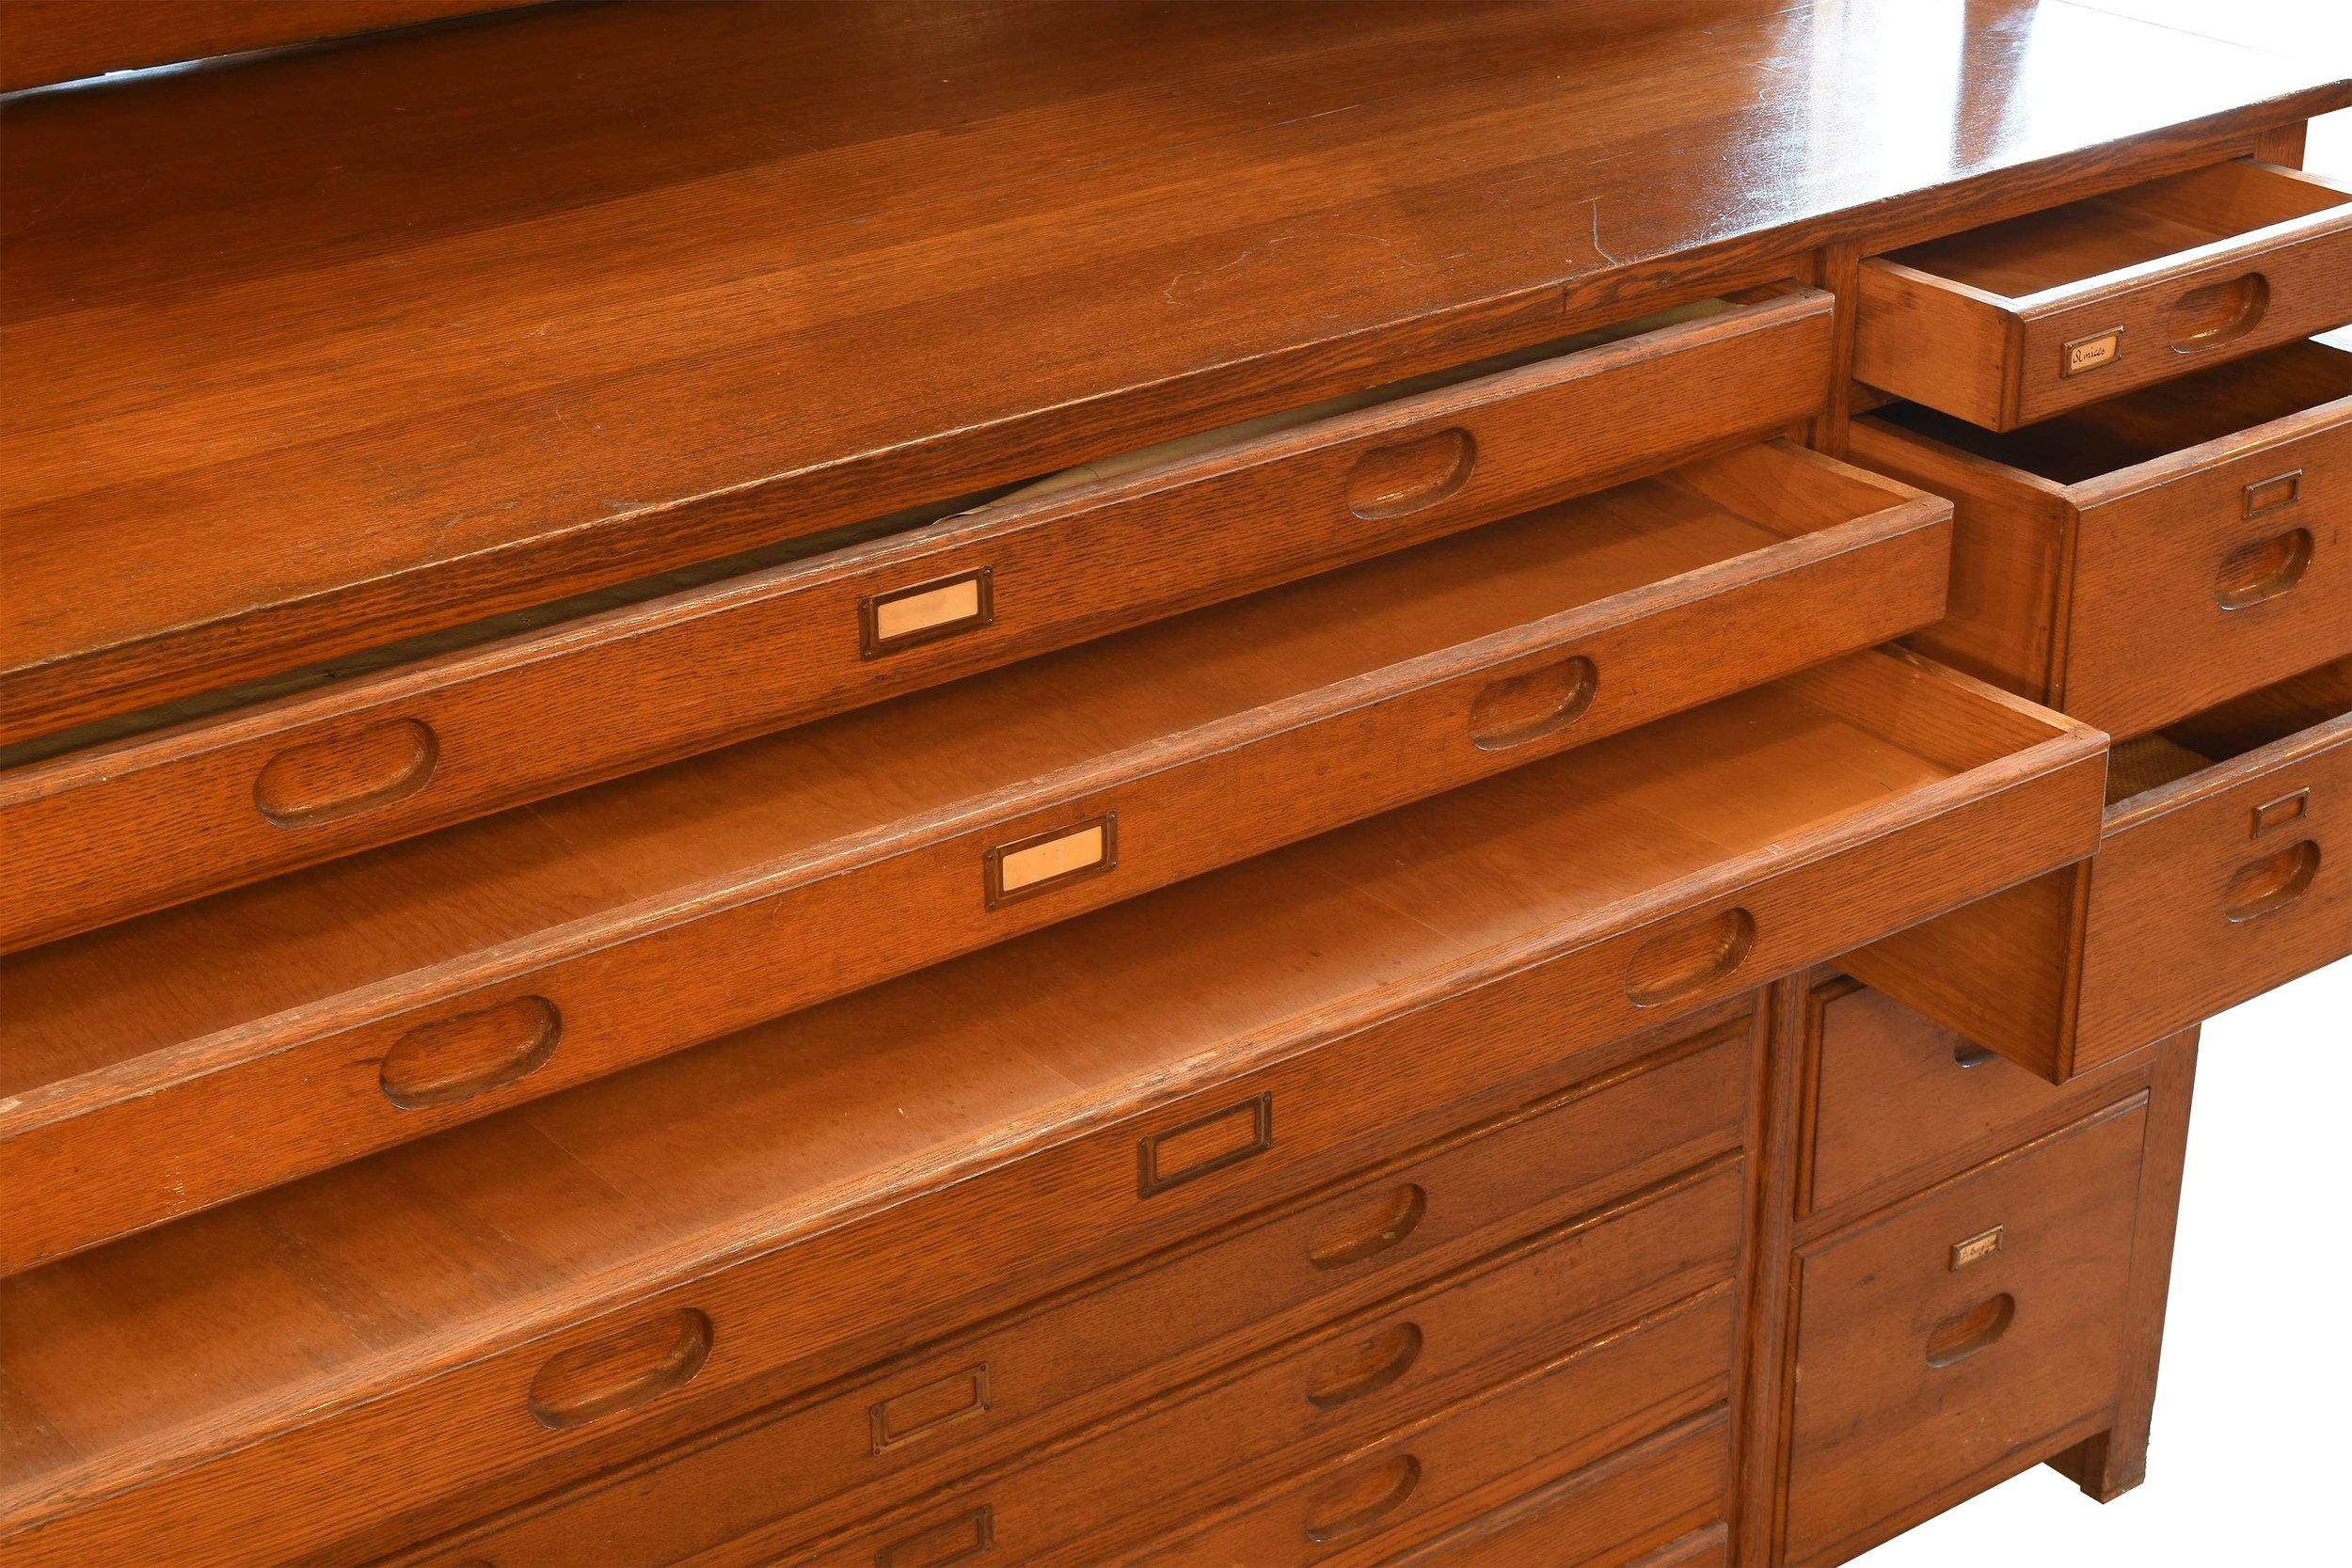 47025 oak flat file cabinet drawer 1.jpg